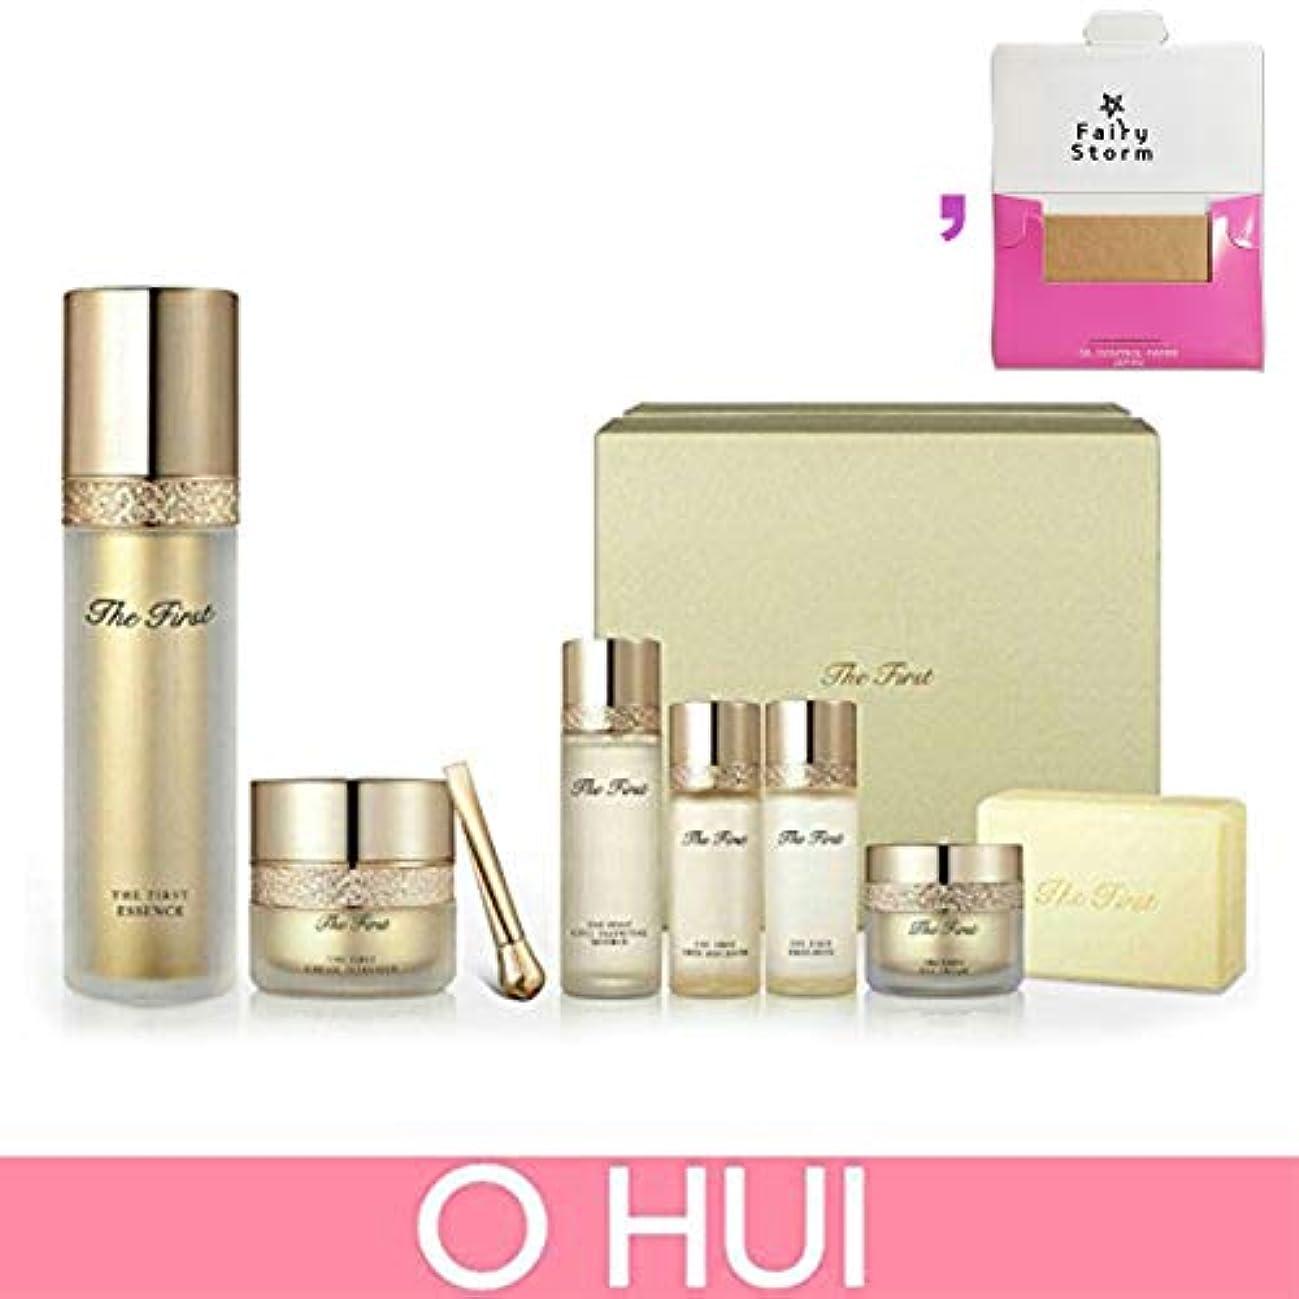 どんなときも雨十二[オフィ/O HUI]Ohui The First Essence Gold Edition Special Set 100ml /OH ザ ファースト エッセンス 100ml + [Sample Gift](海外直送品)